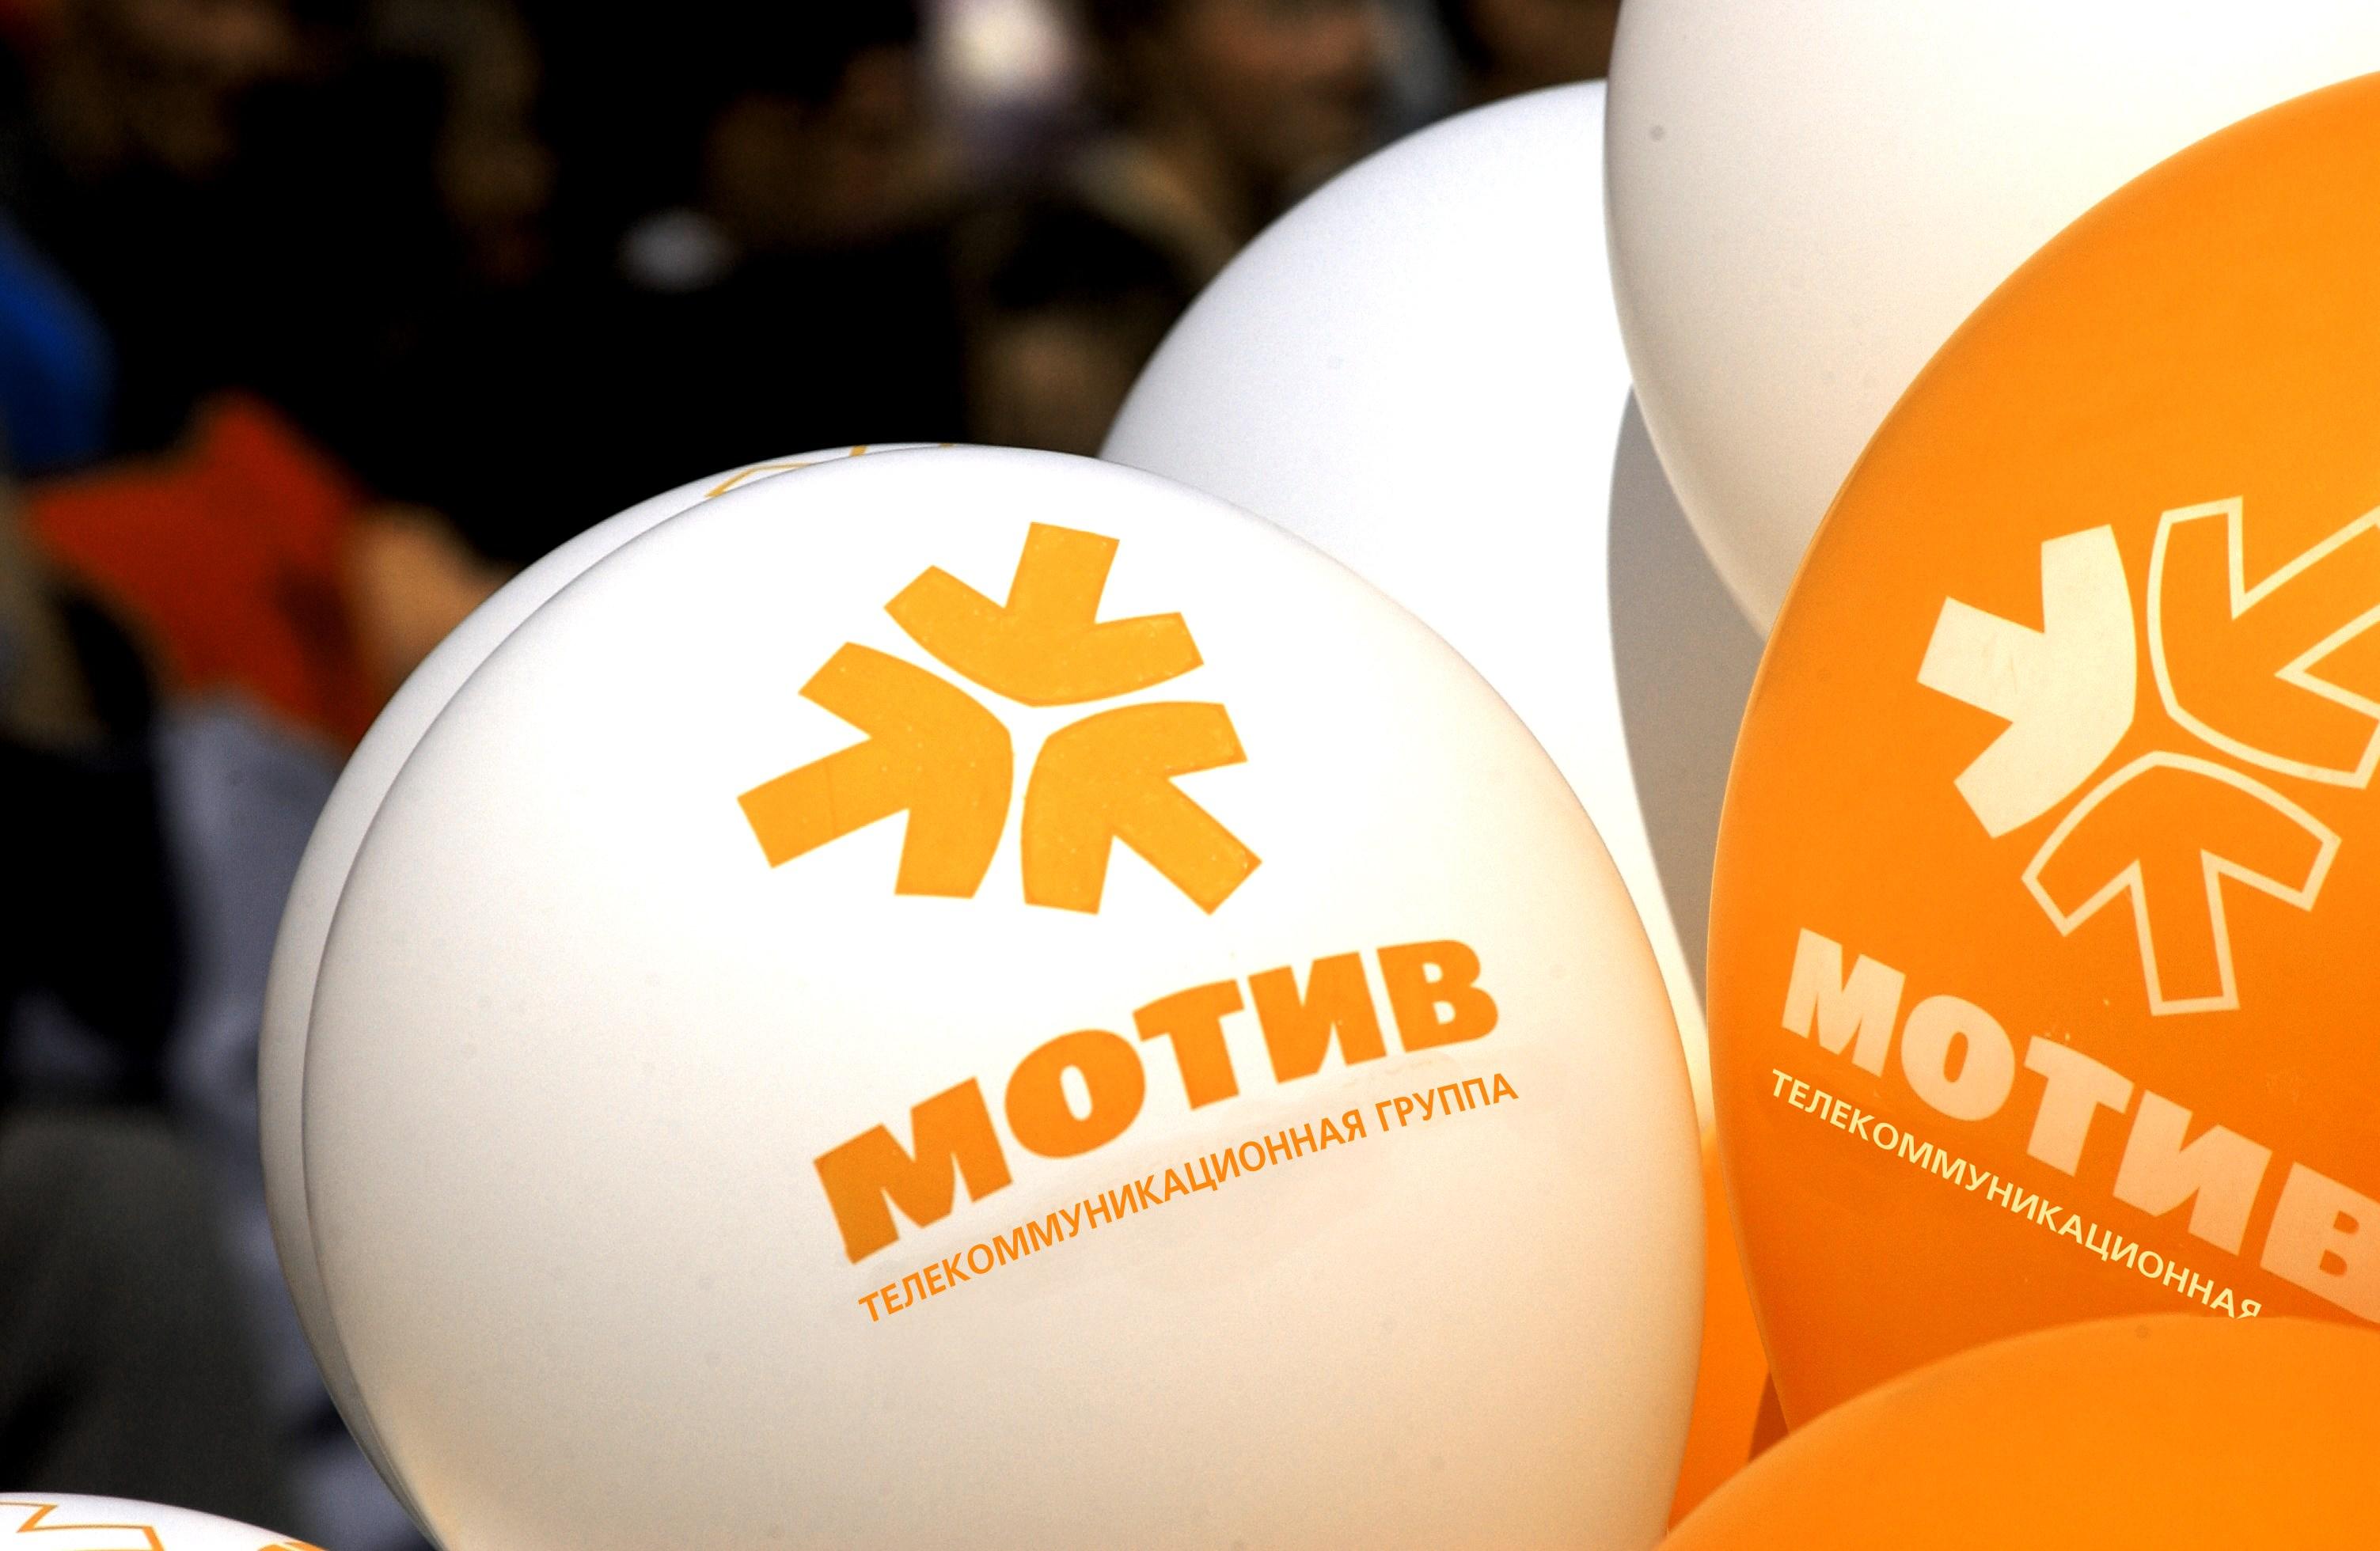 Остаток трафика Мотив: как узнать, как проверить, как посмотреть